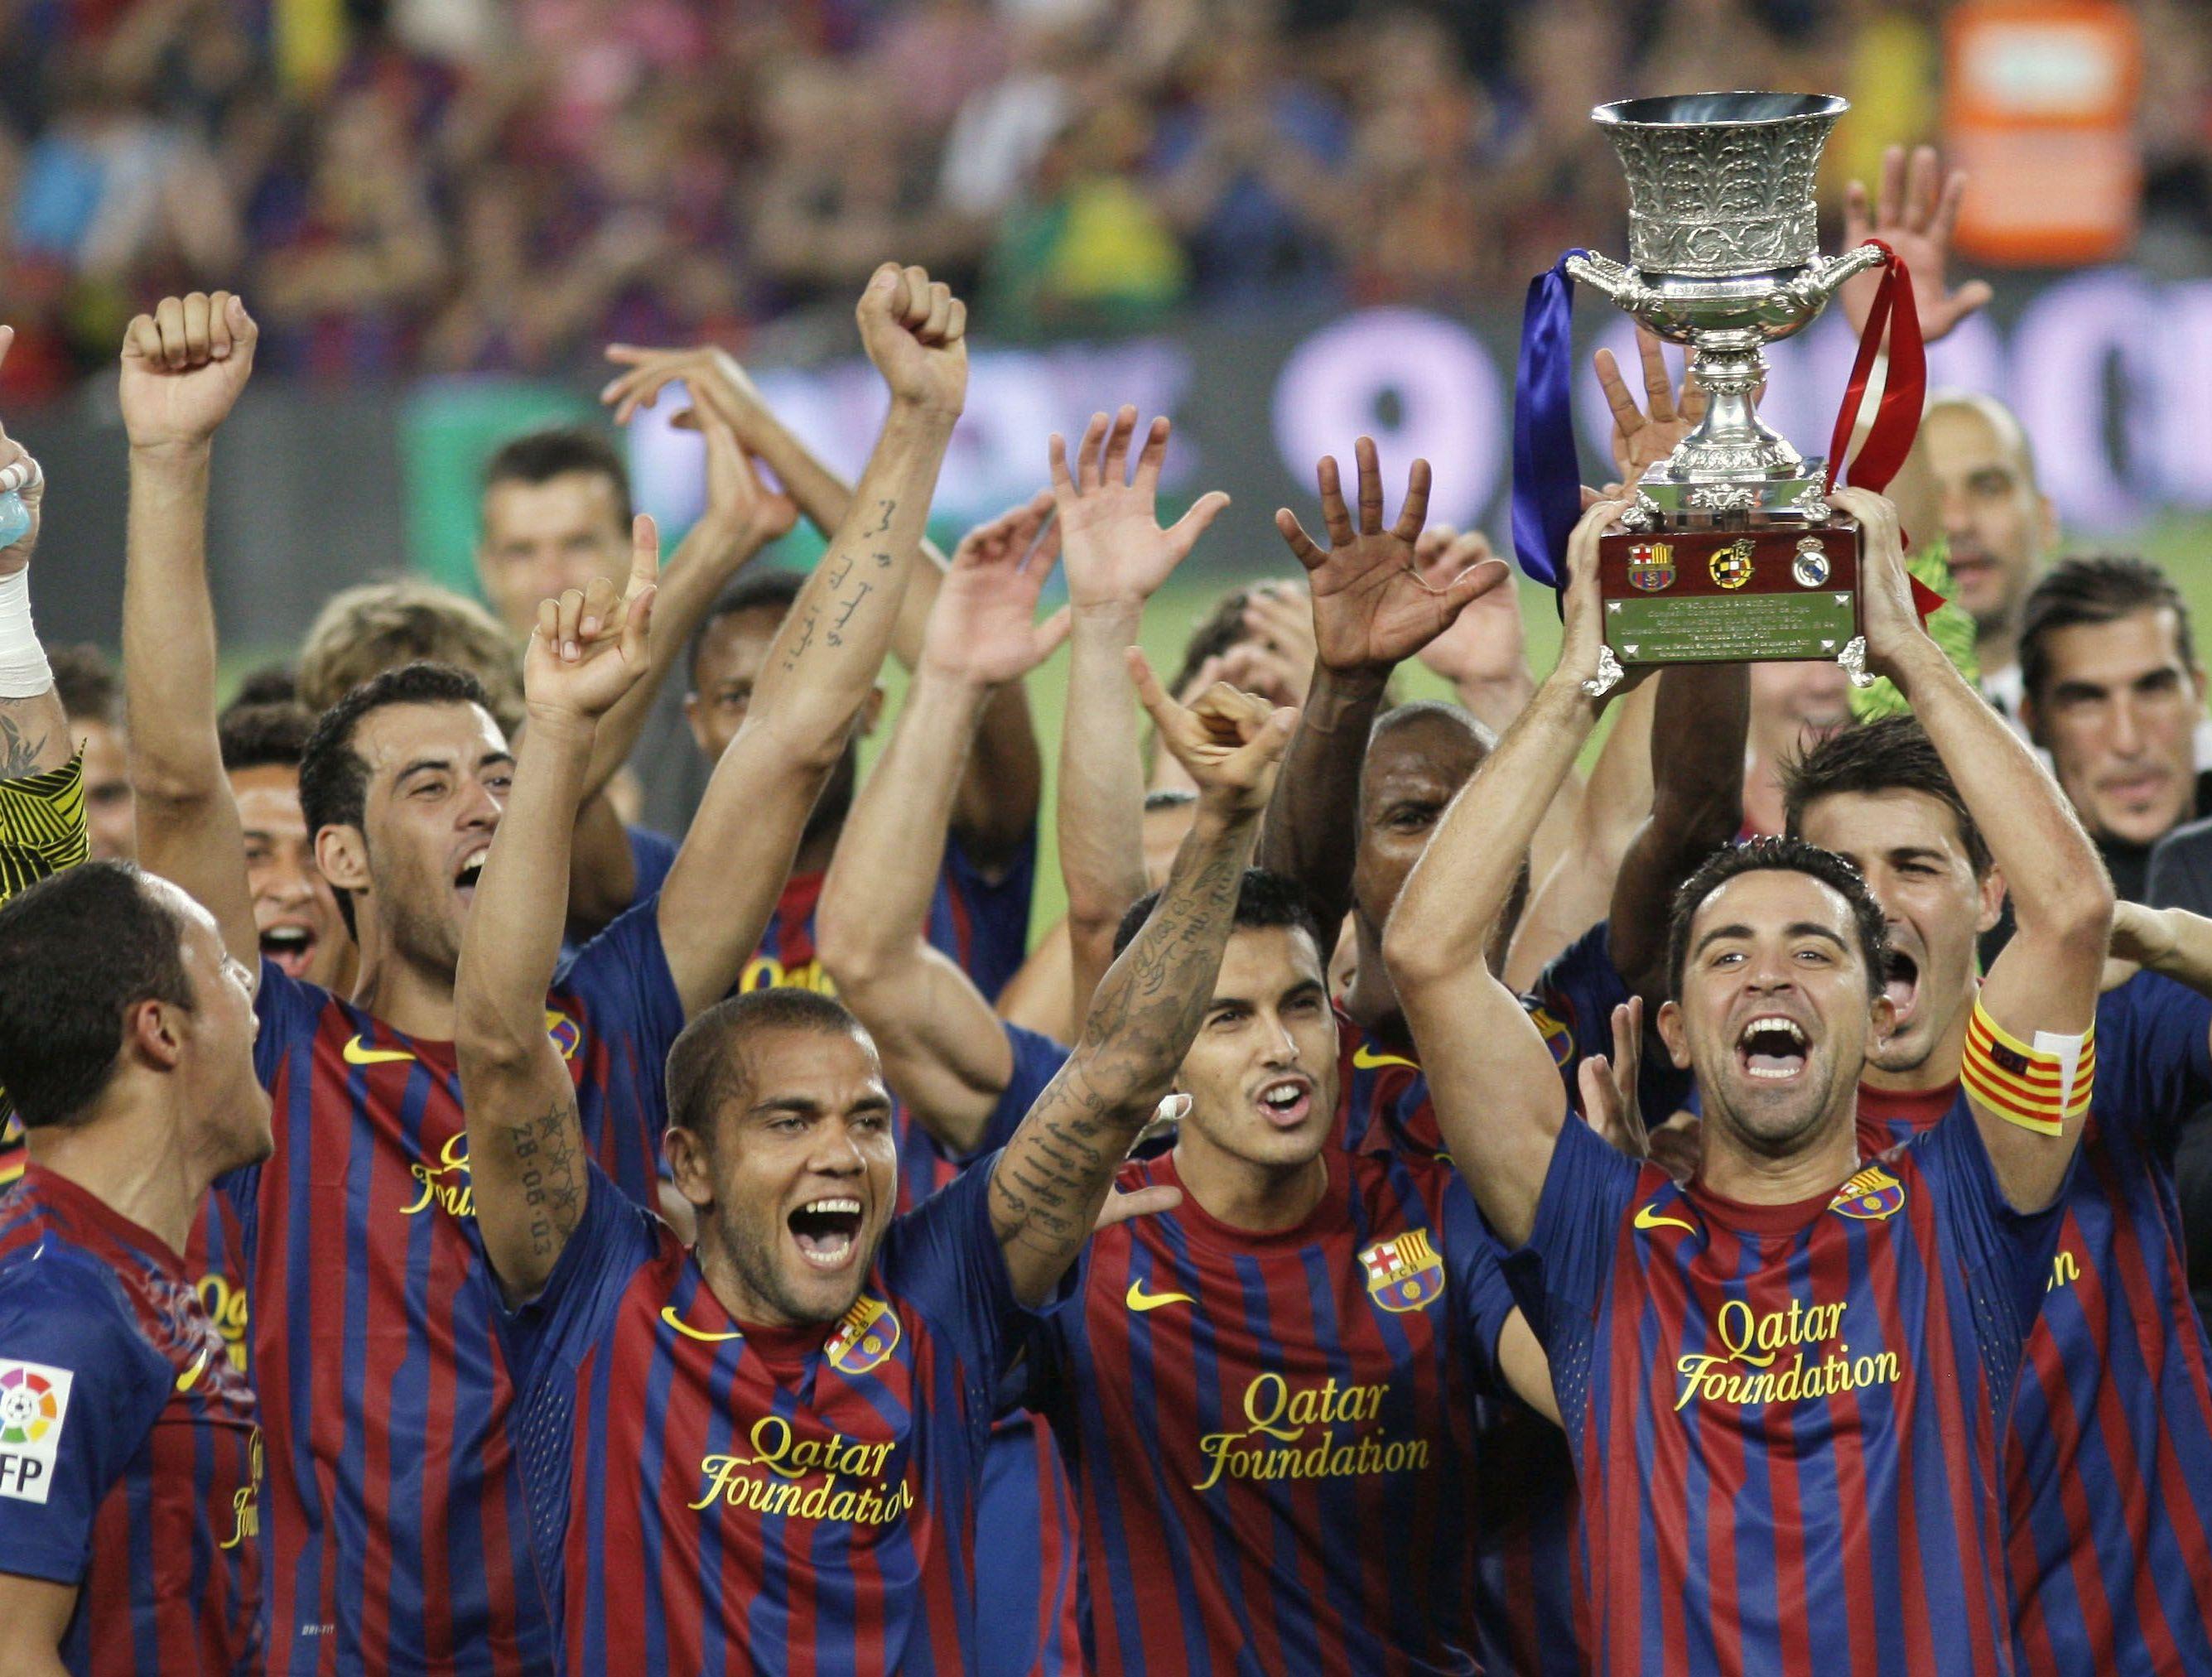 La supercoupe d espagne en images football - Final super coupe d espagne ...